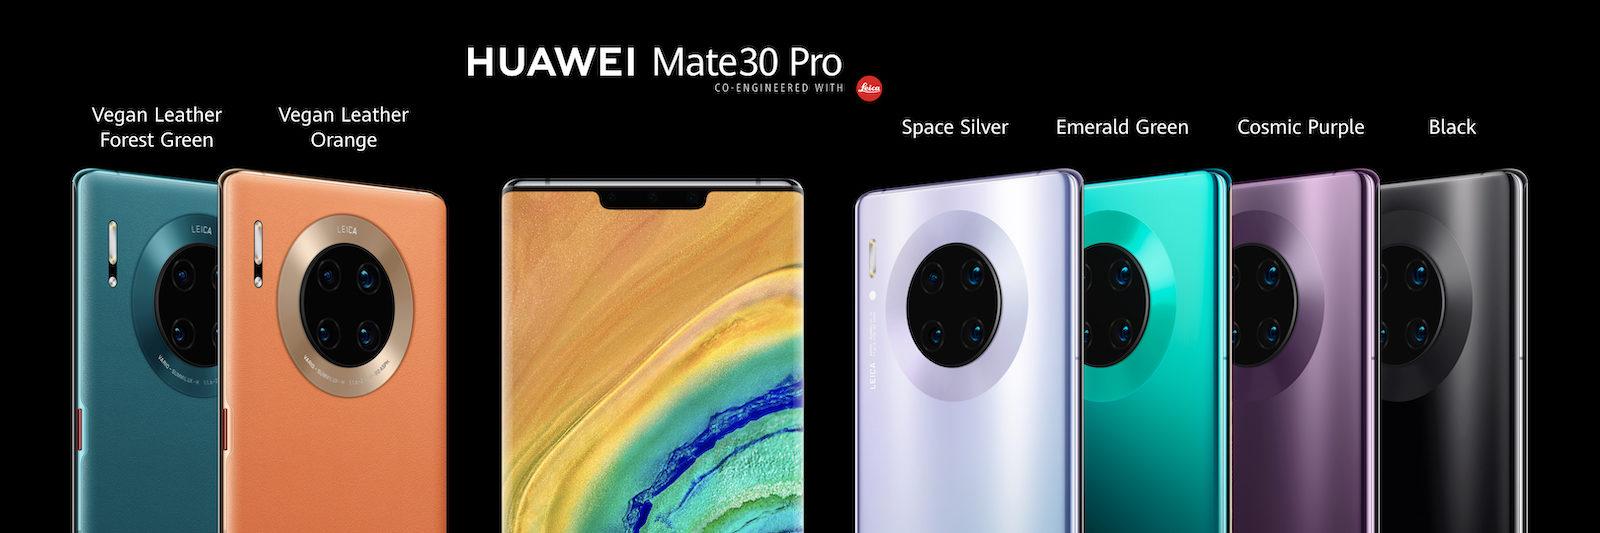 Ecco Huawei Mate 30 e Huawei Mate 30 Pro